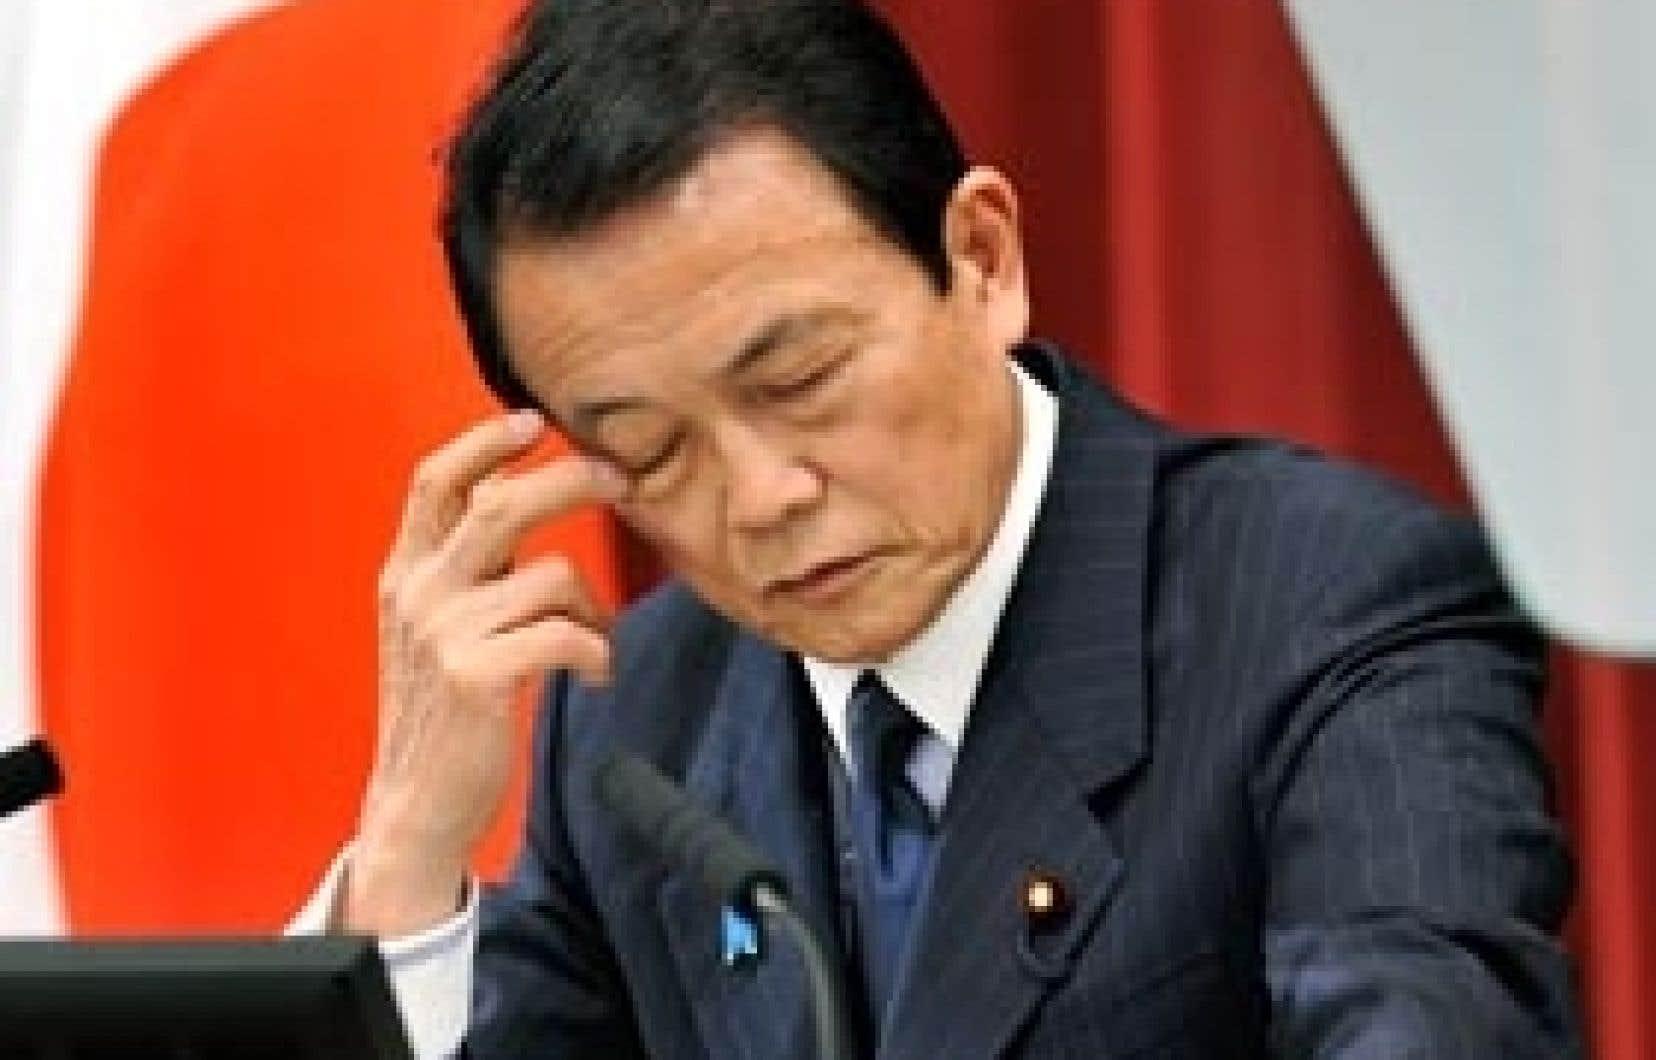 Avec son plus récent plan, le premier ministre japonais Taro Aso espère calmer l'anxiété qui grippe un peu plus la machine économique, enrayée depuis mi-2008 par les répercussions de la crise planétaire.